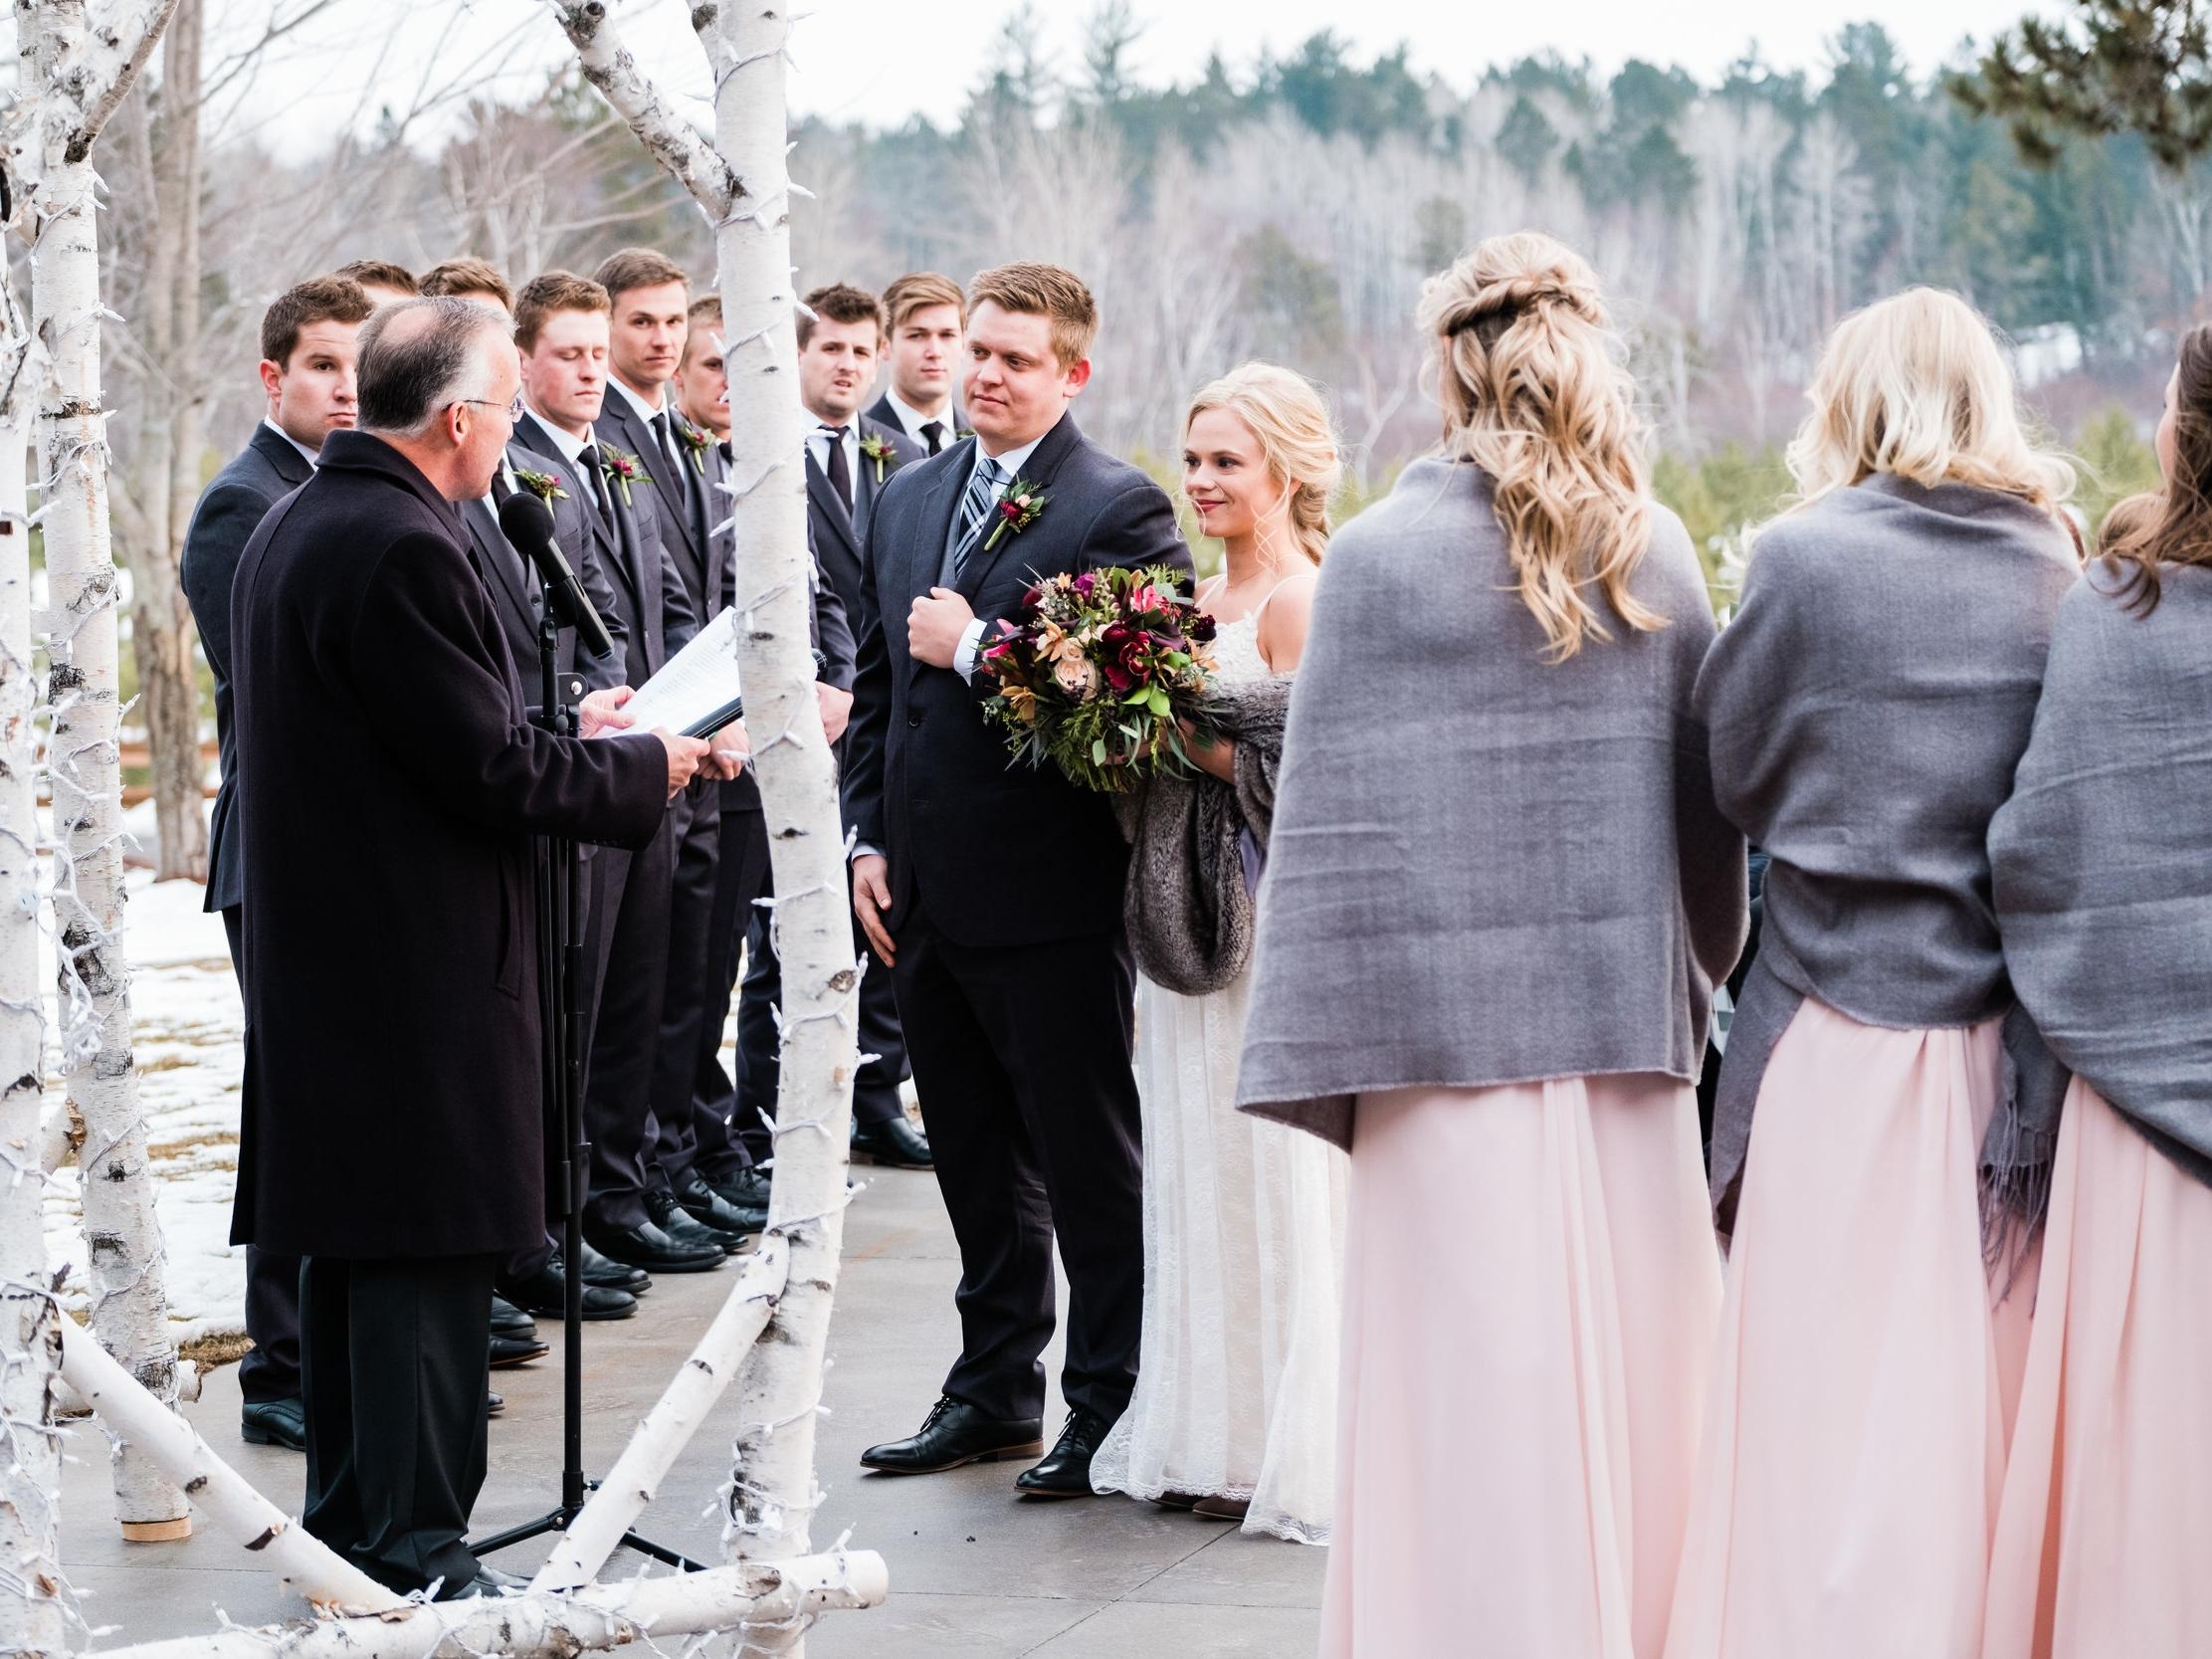 pine peaks outdoor winter wedding